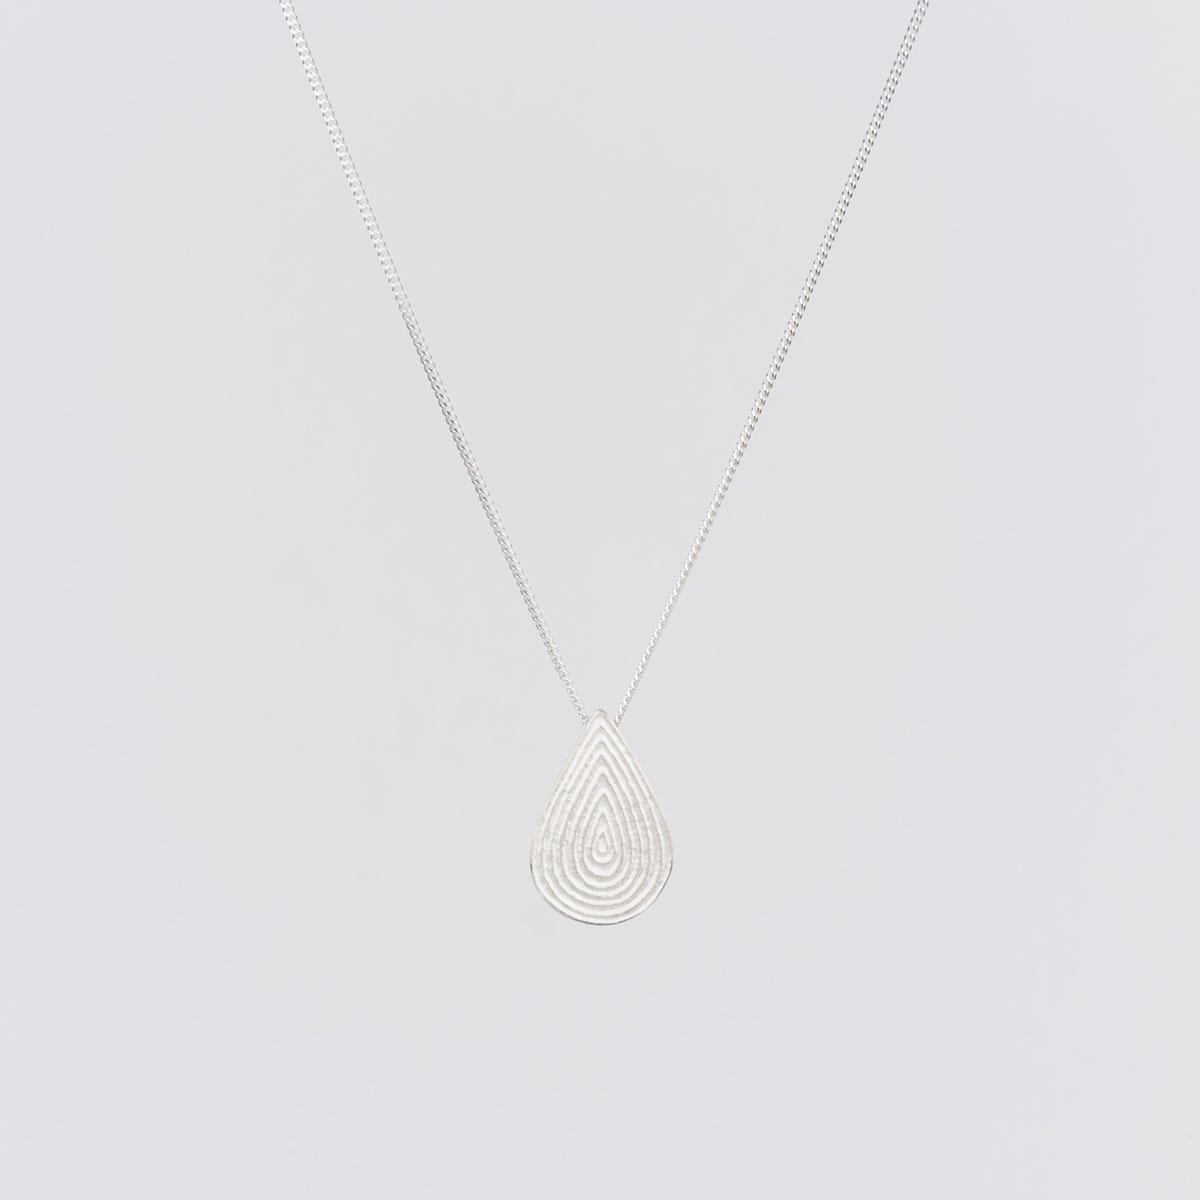 'Lines in Motion' Silver Teardrop Pendant